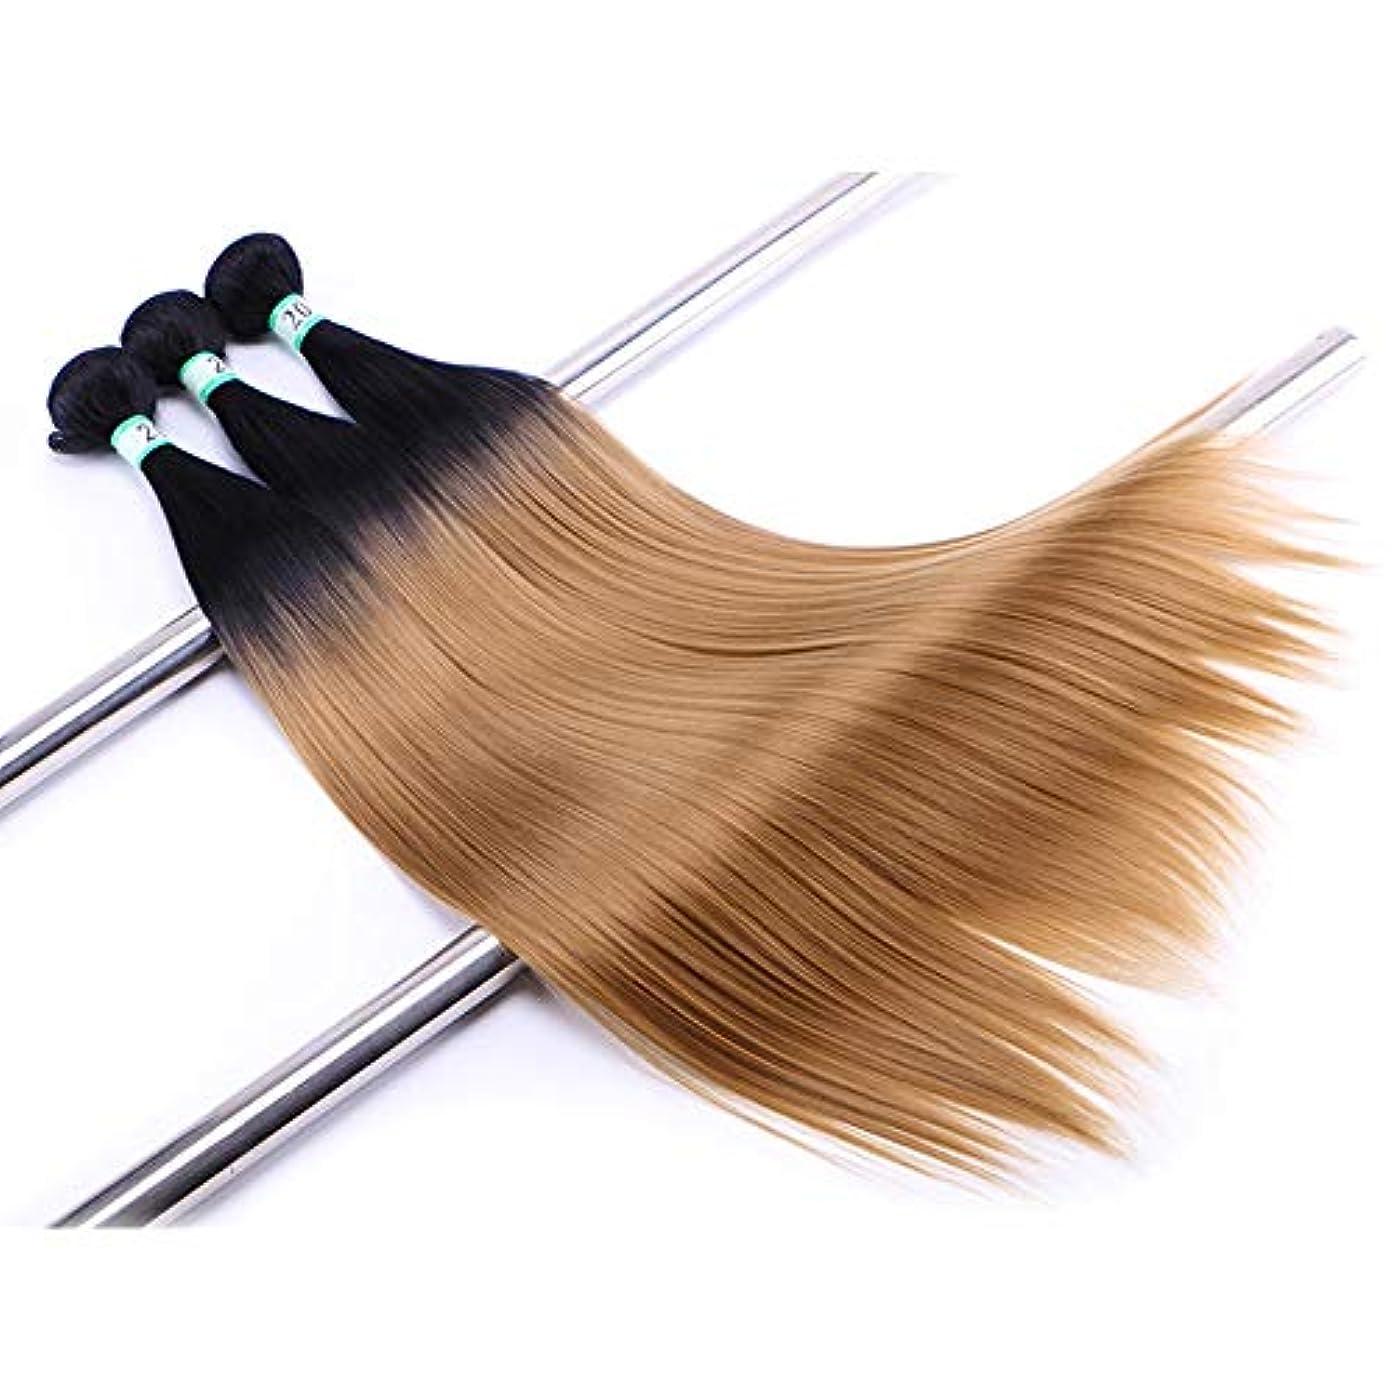 フェローシップ連続したリボンHOHYLLYA ヘアエクステンション織りバンドルブロンドナチュラルヘア横糸ストレートクリップなし(3バンドル)合成髪レースかつらロールプレイングウィッグロングとショート女性自然 (色 : Blonde, サイズ : 20inch)